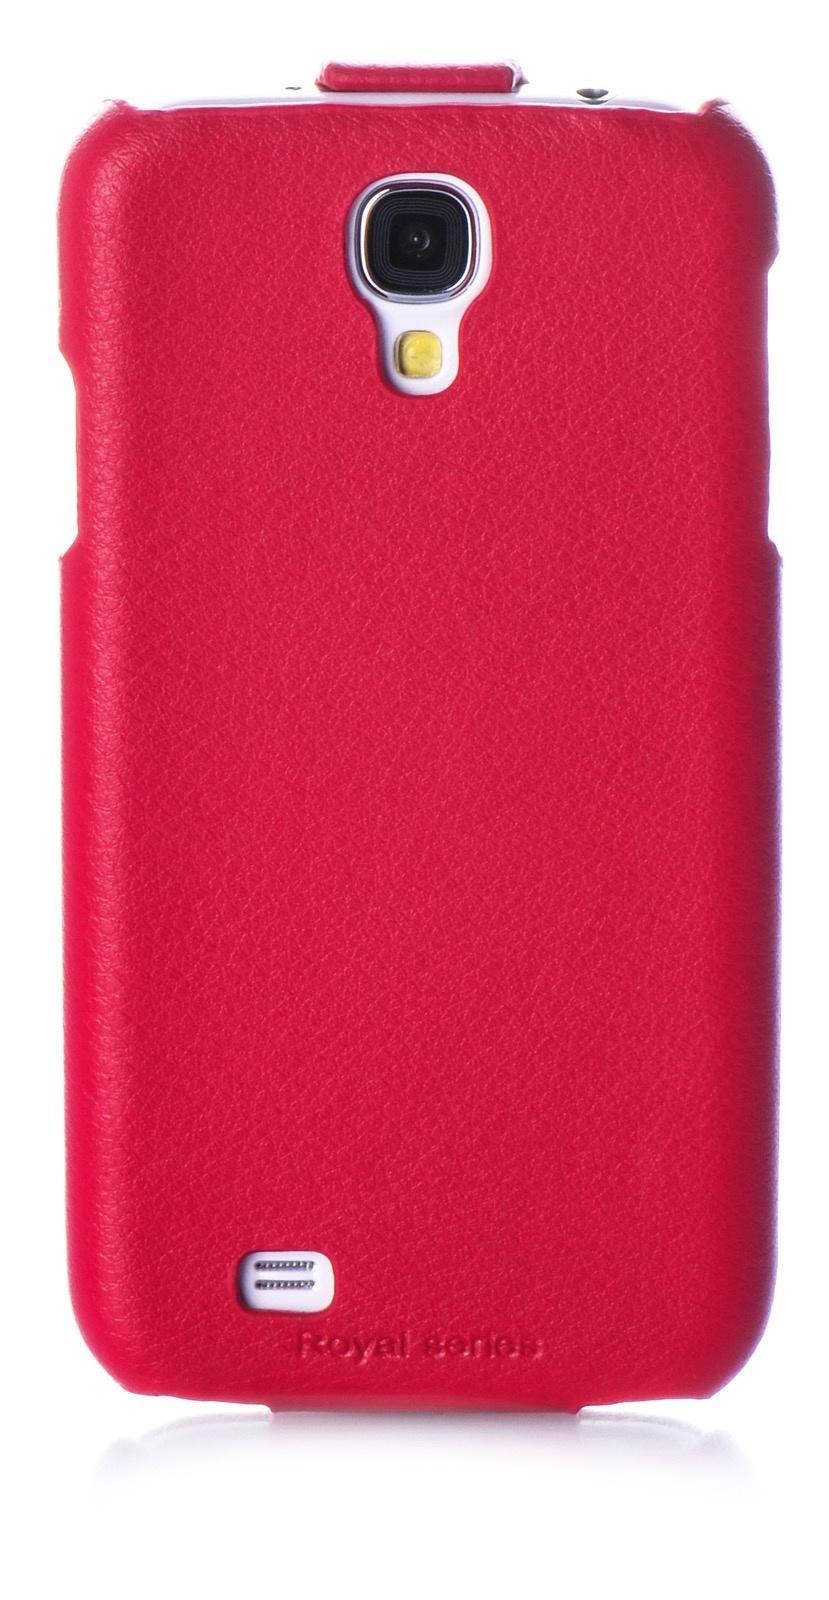 Чехол книжка HOCO кожа red для Samsung Galaxy S4,450042, красный цена в Москве и Питере